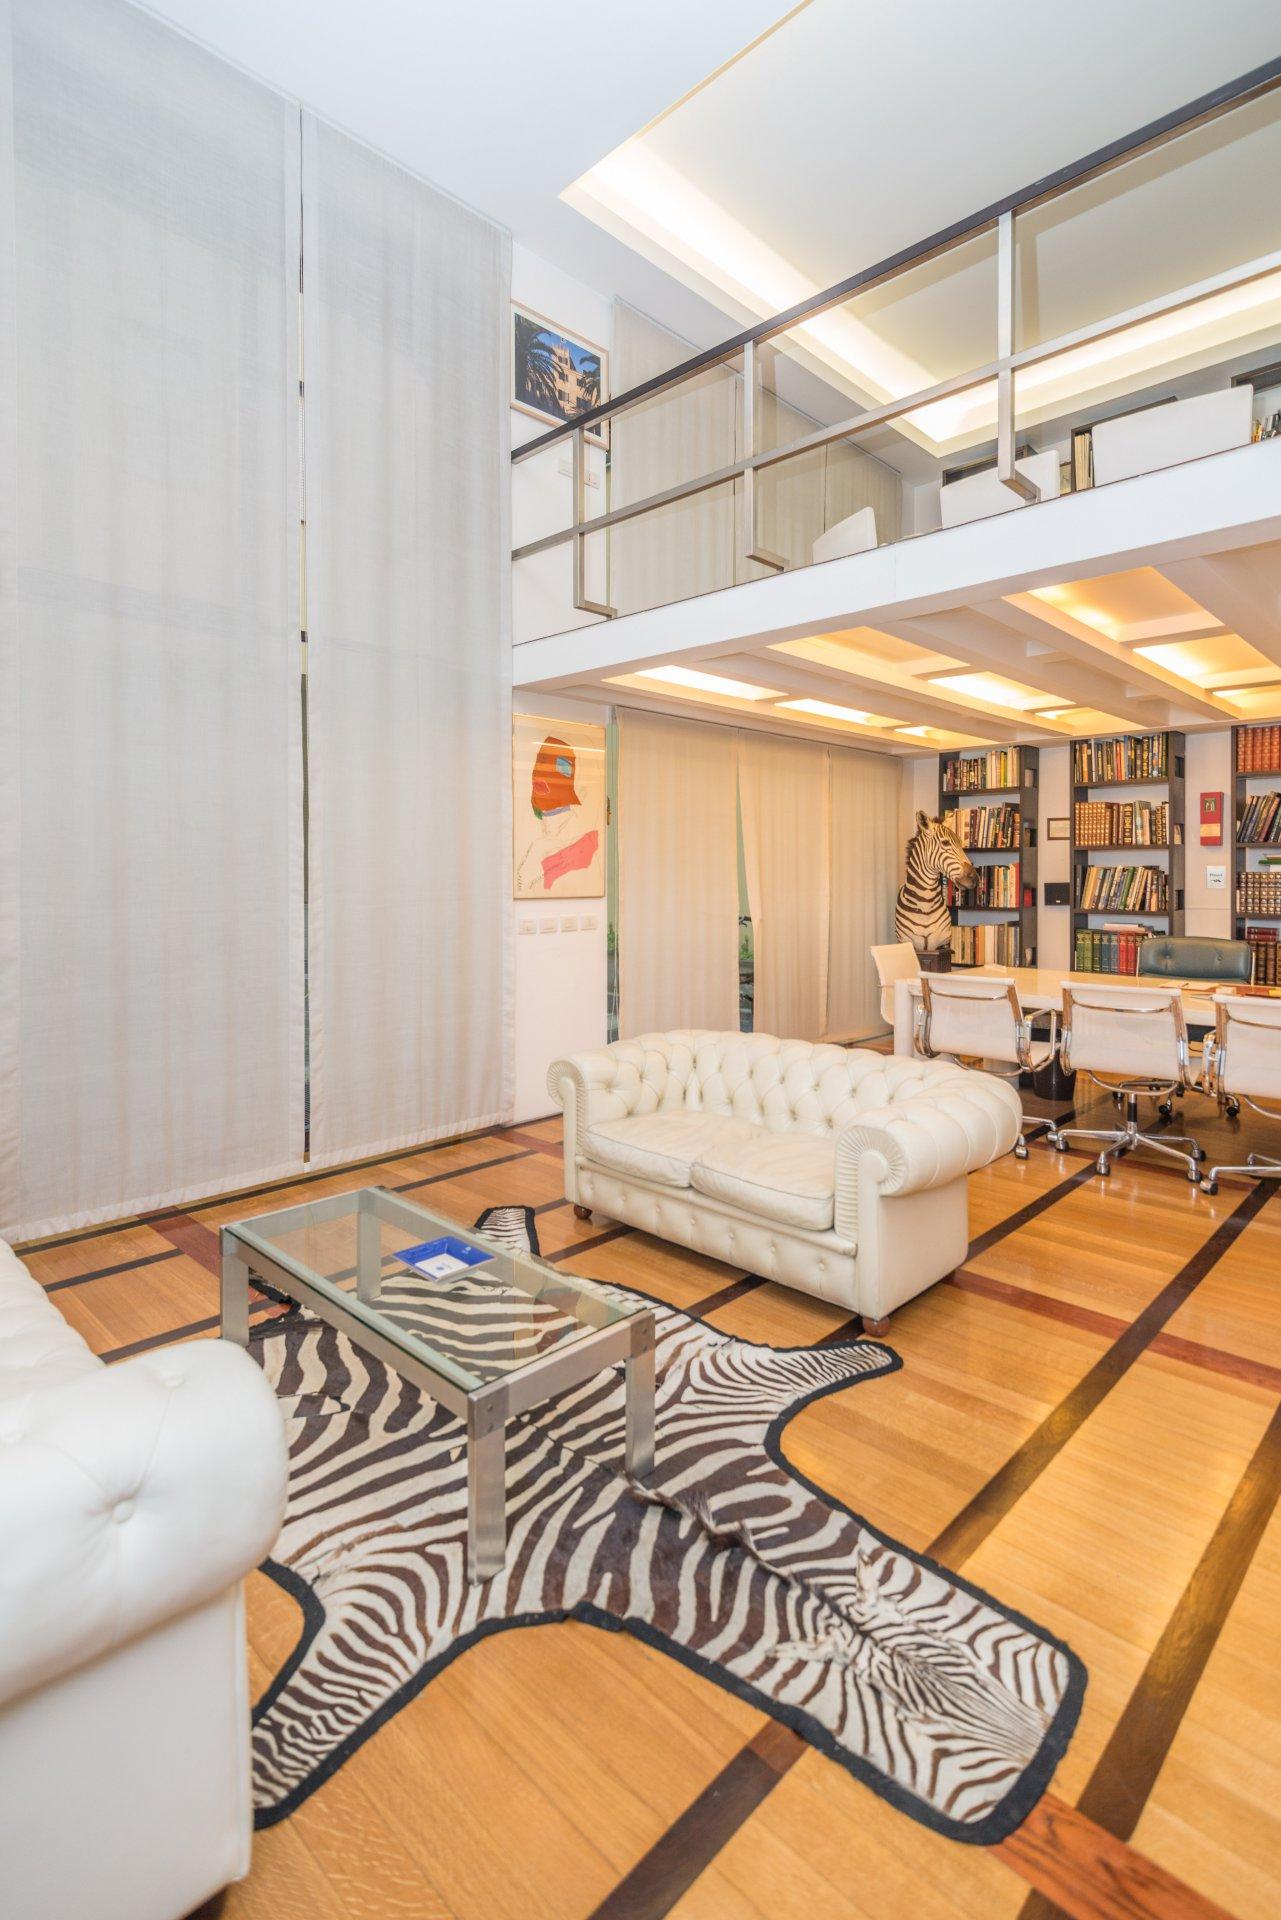 Annuncio affitto ufficio milano 20100 2 camere ref l0873mi for Affitto ufficio aventino